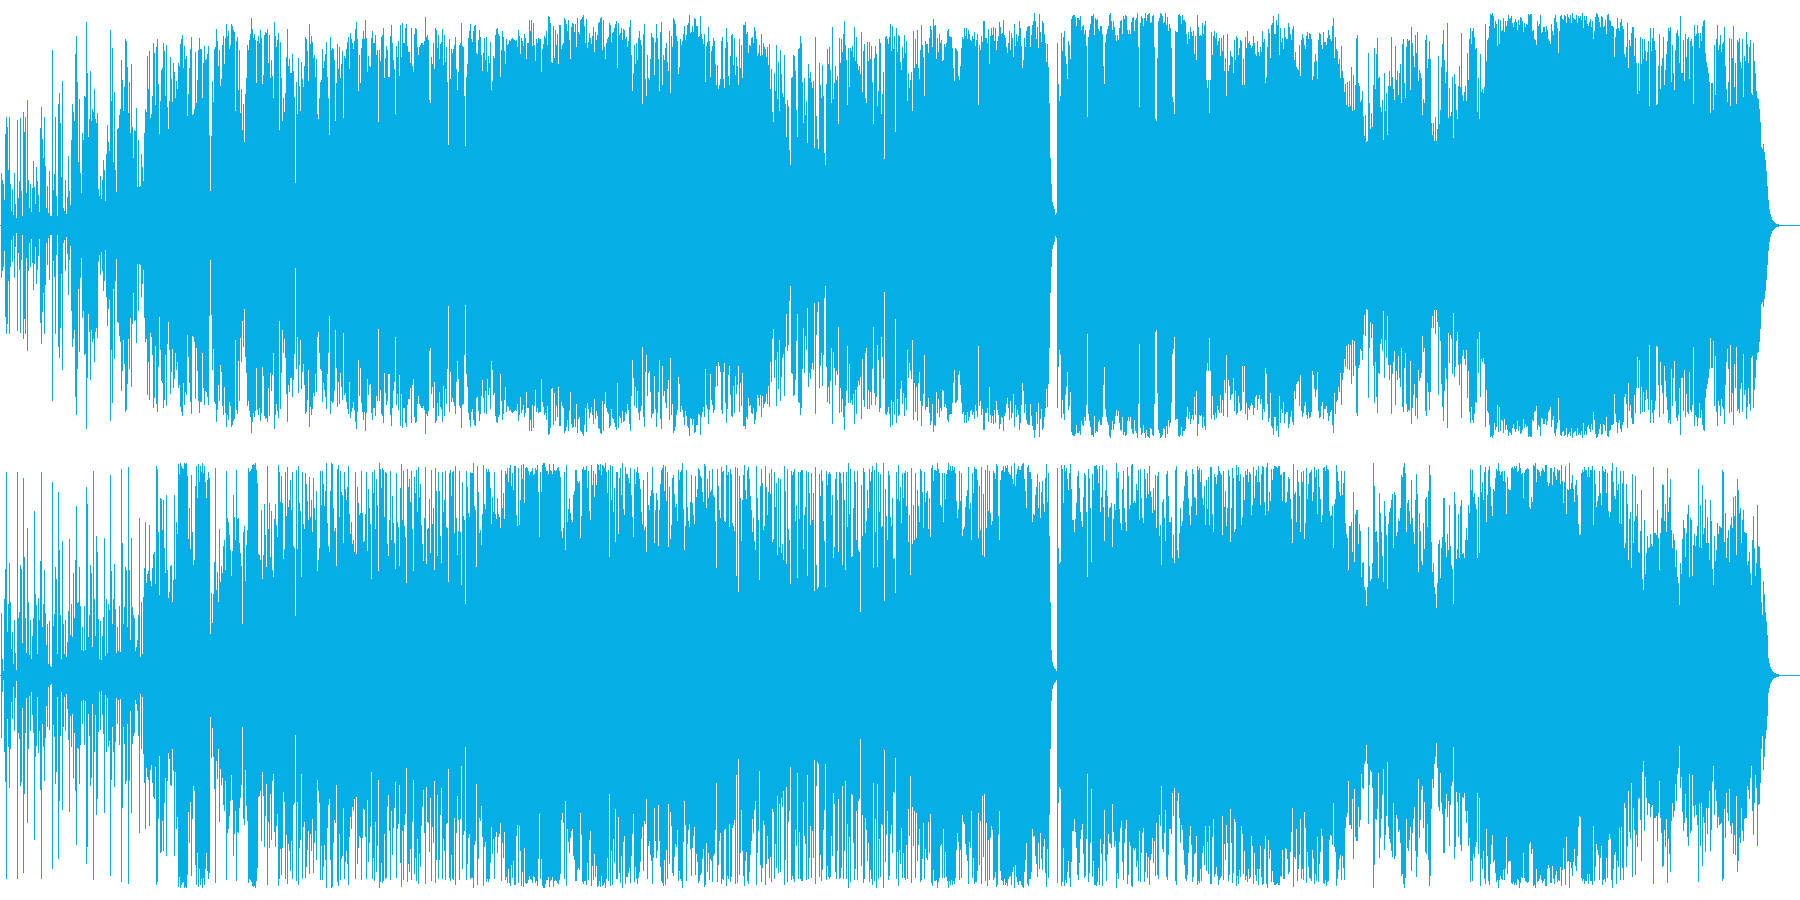 バイオリンのジャズファンクサウンドの再生済みの波形